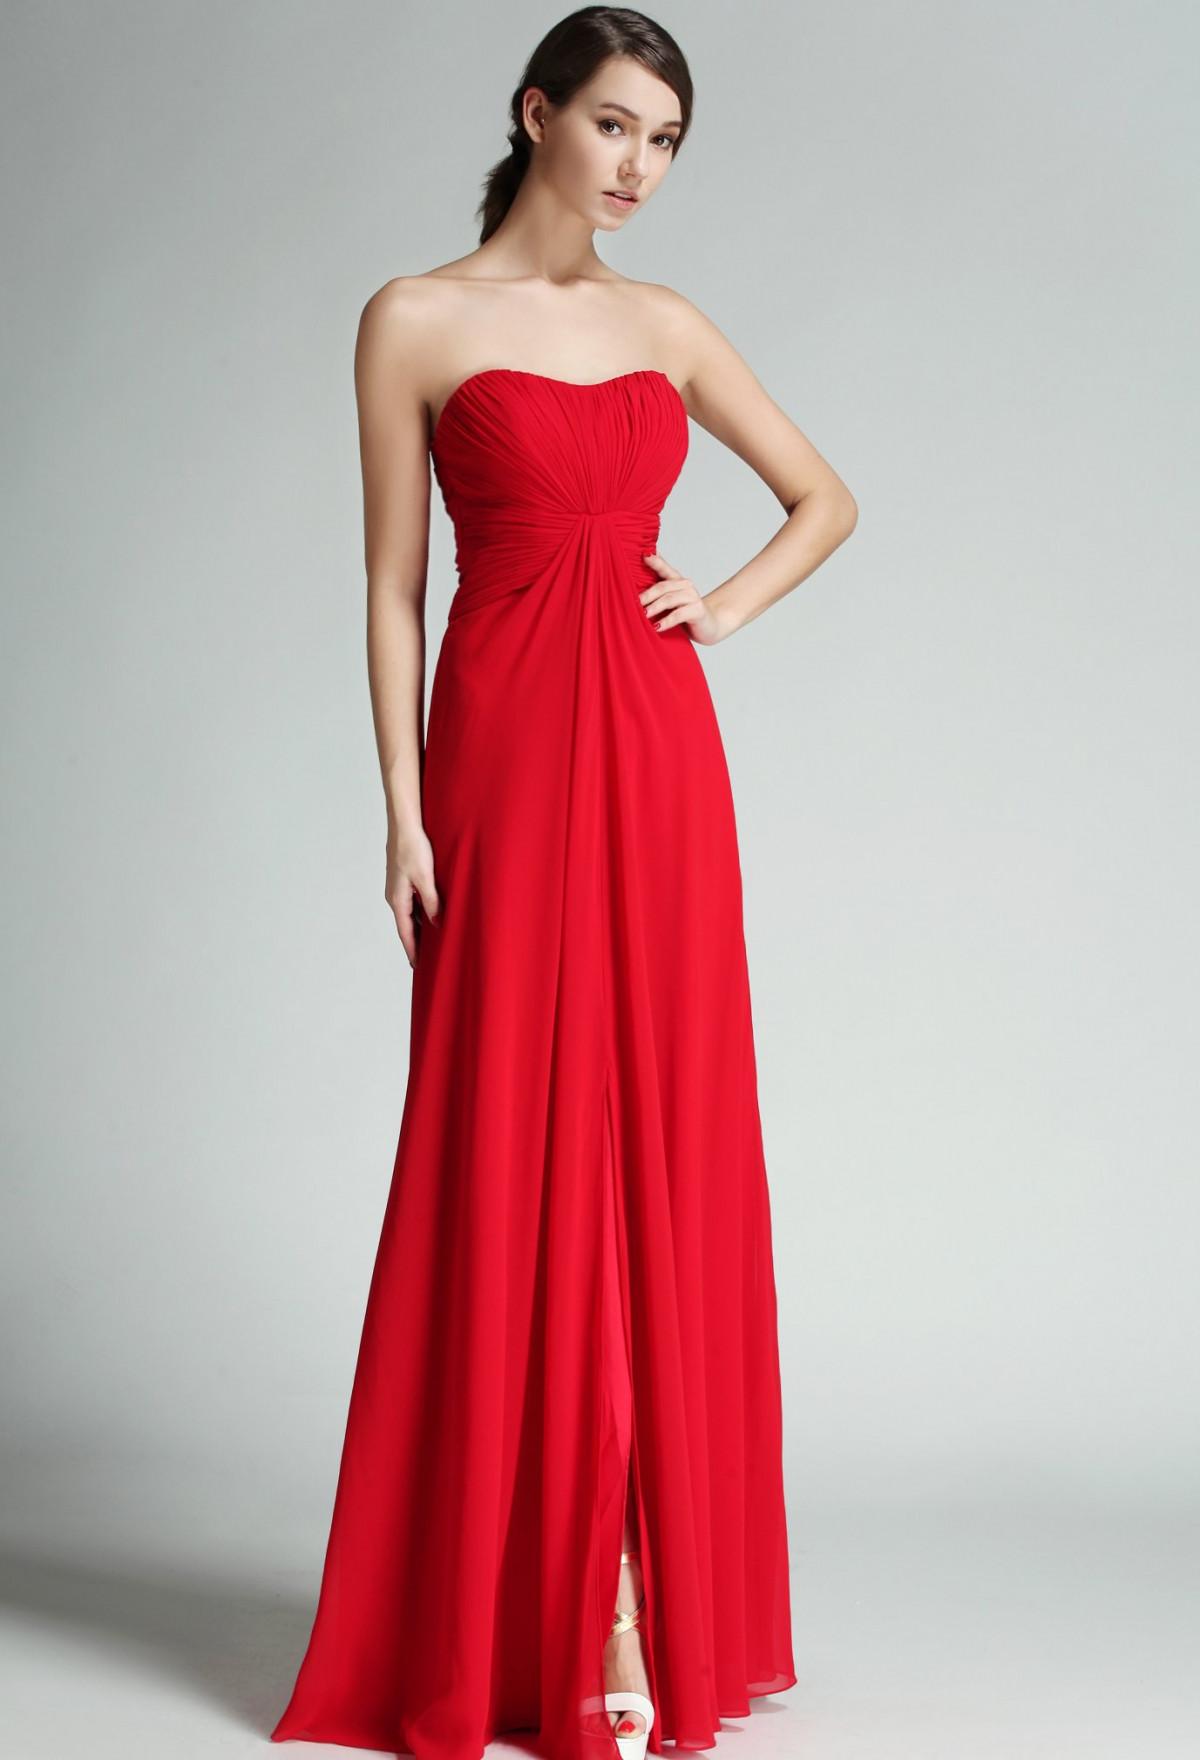 cérémonie chic Robe de soirée classe mariage 34-48 Rouge cocktail habillée